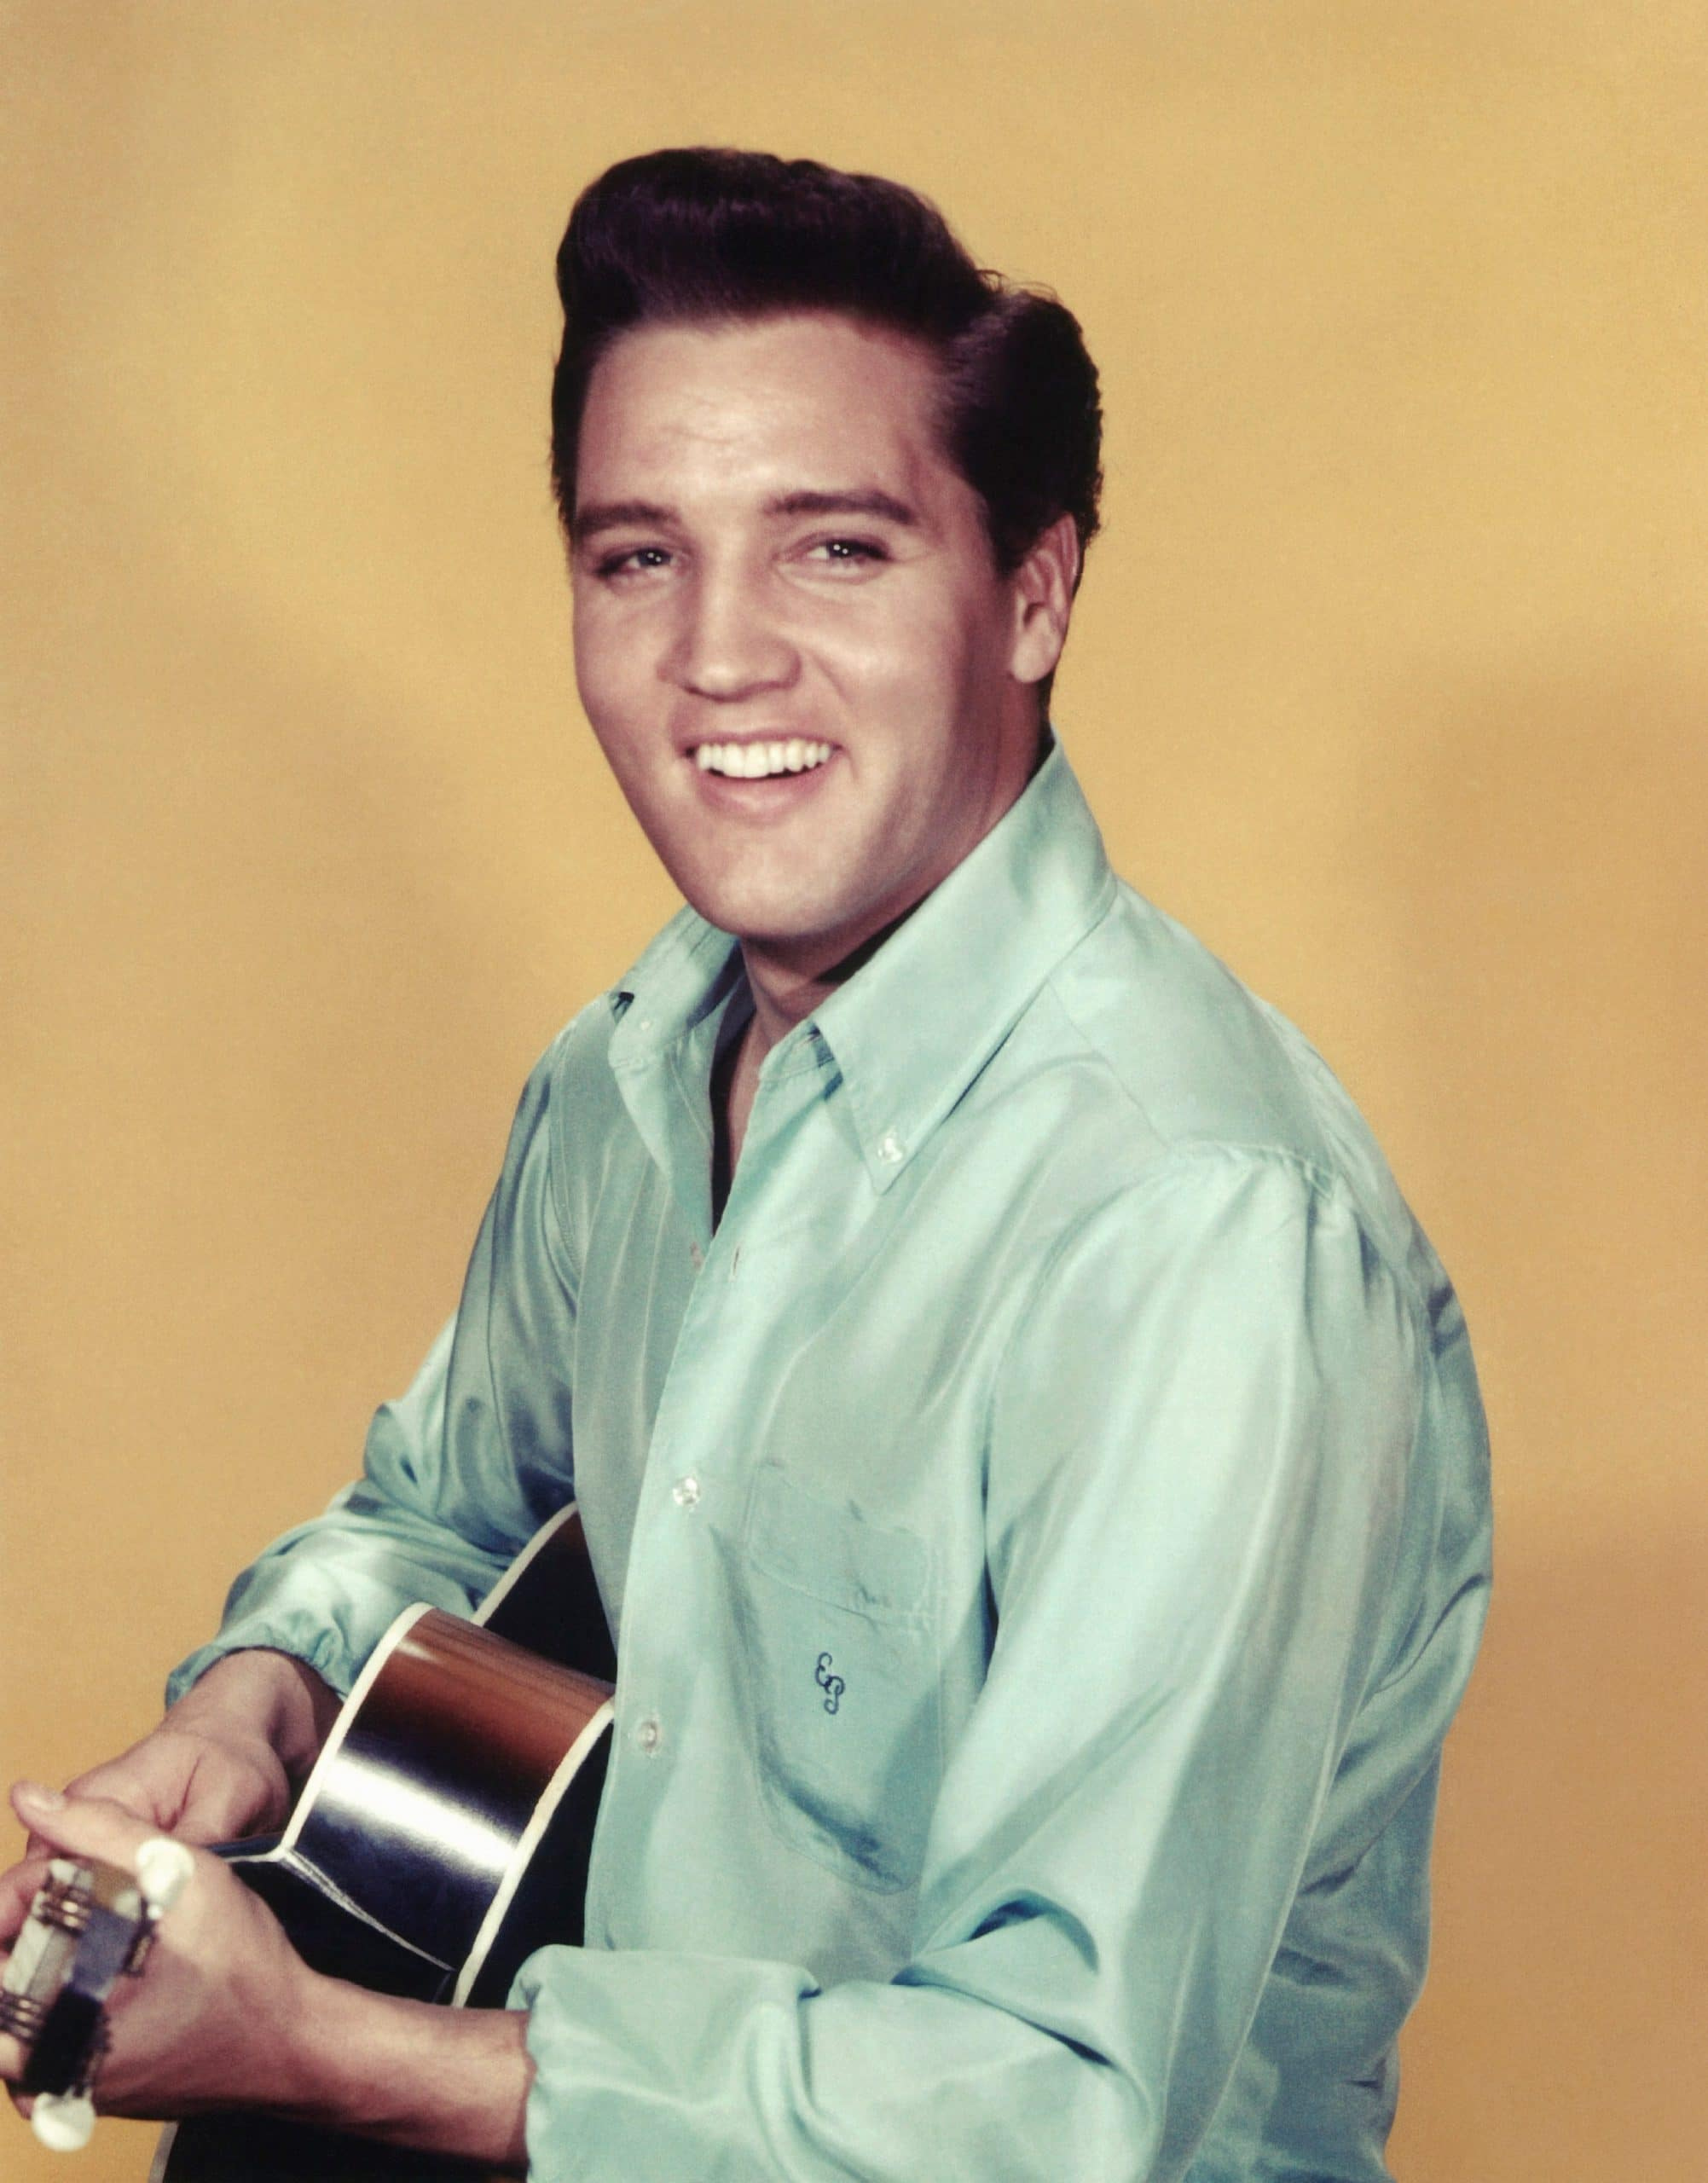 Elvis Presley, 1960s